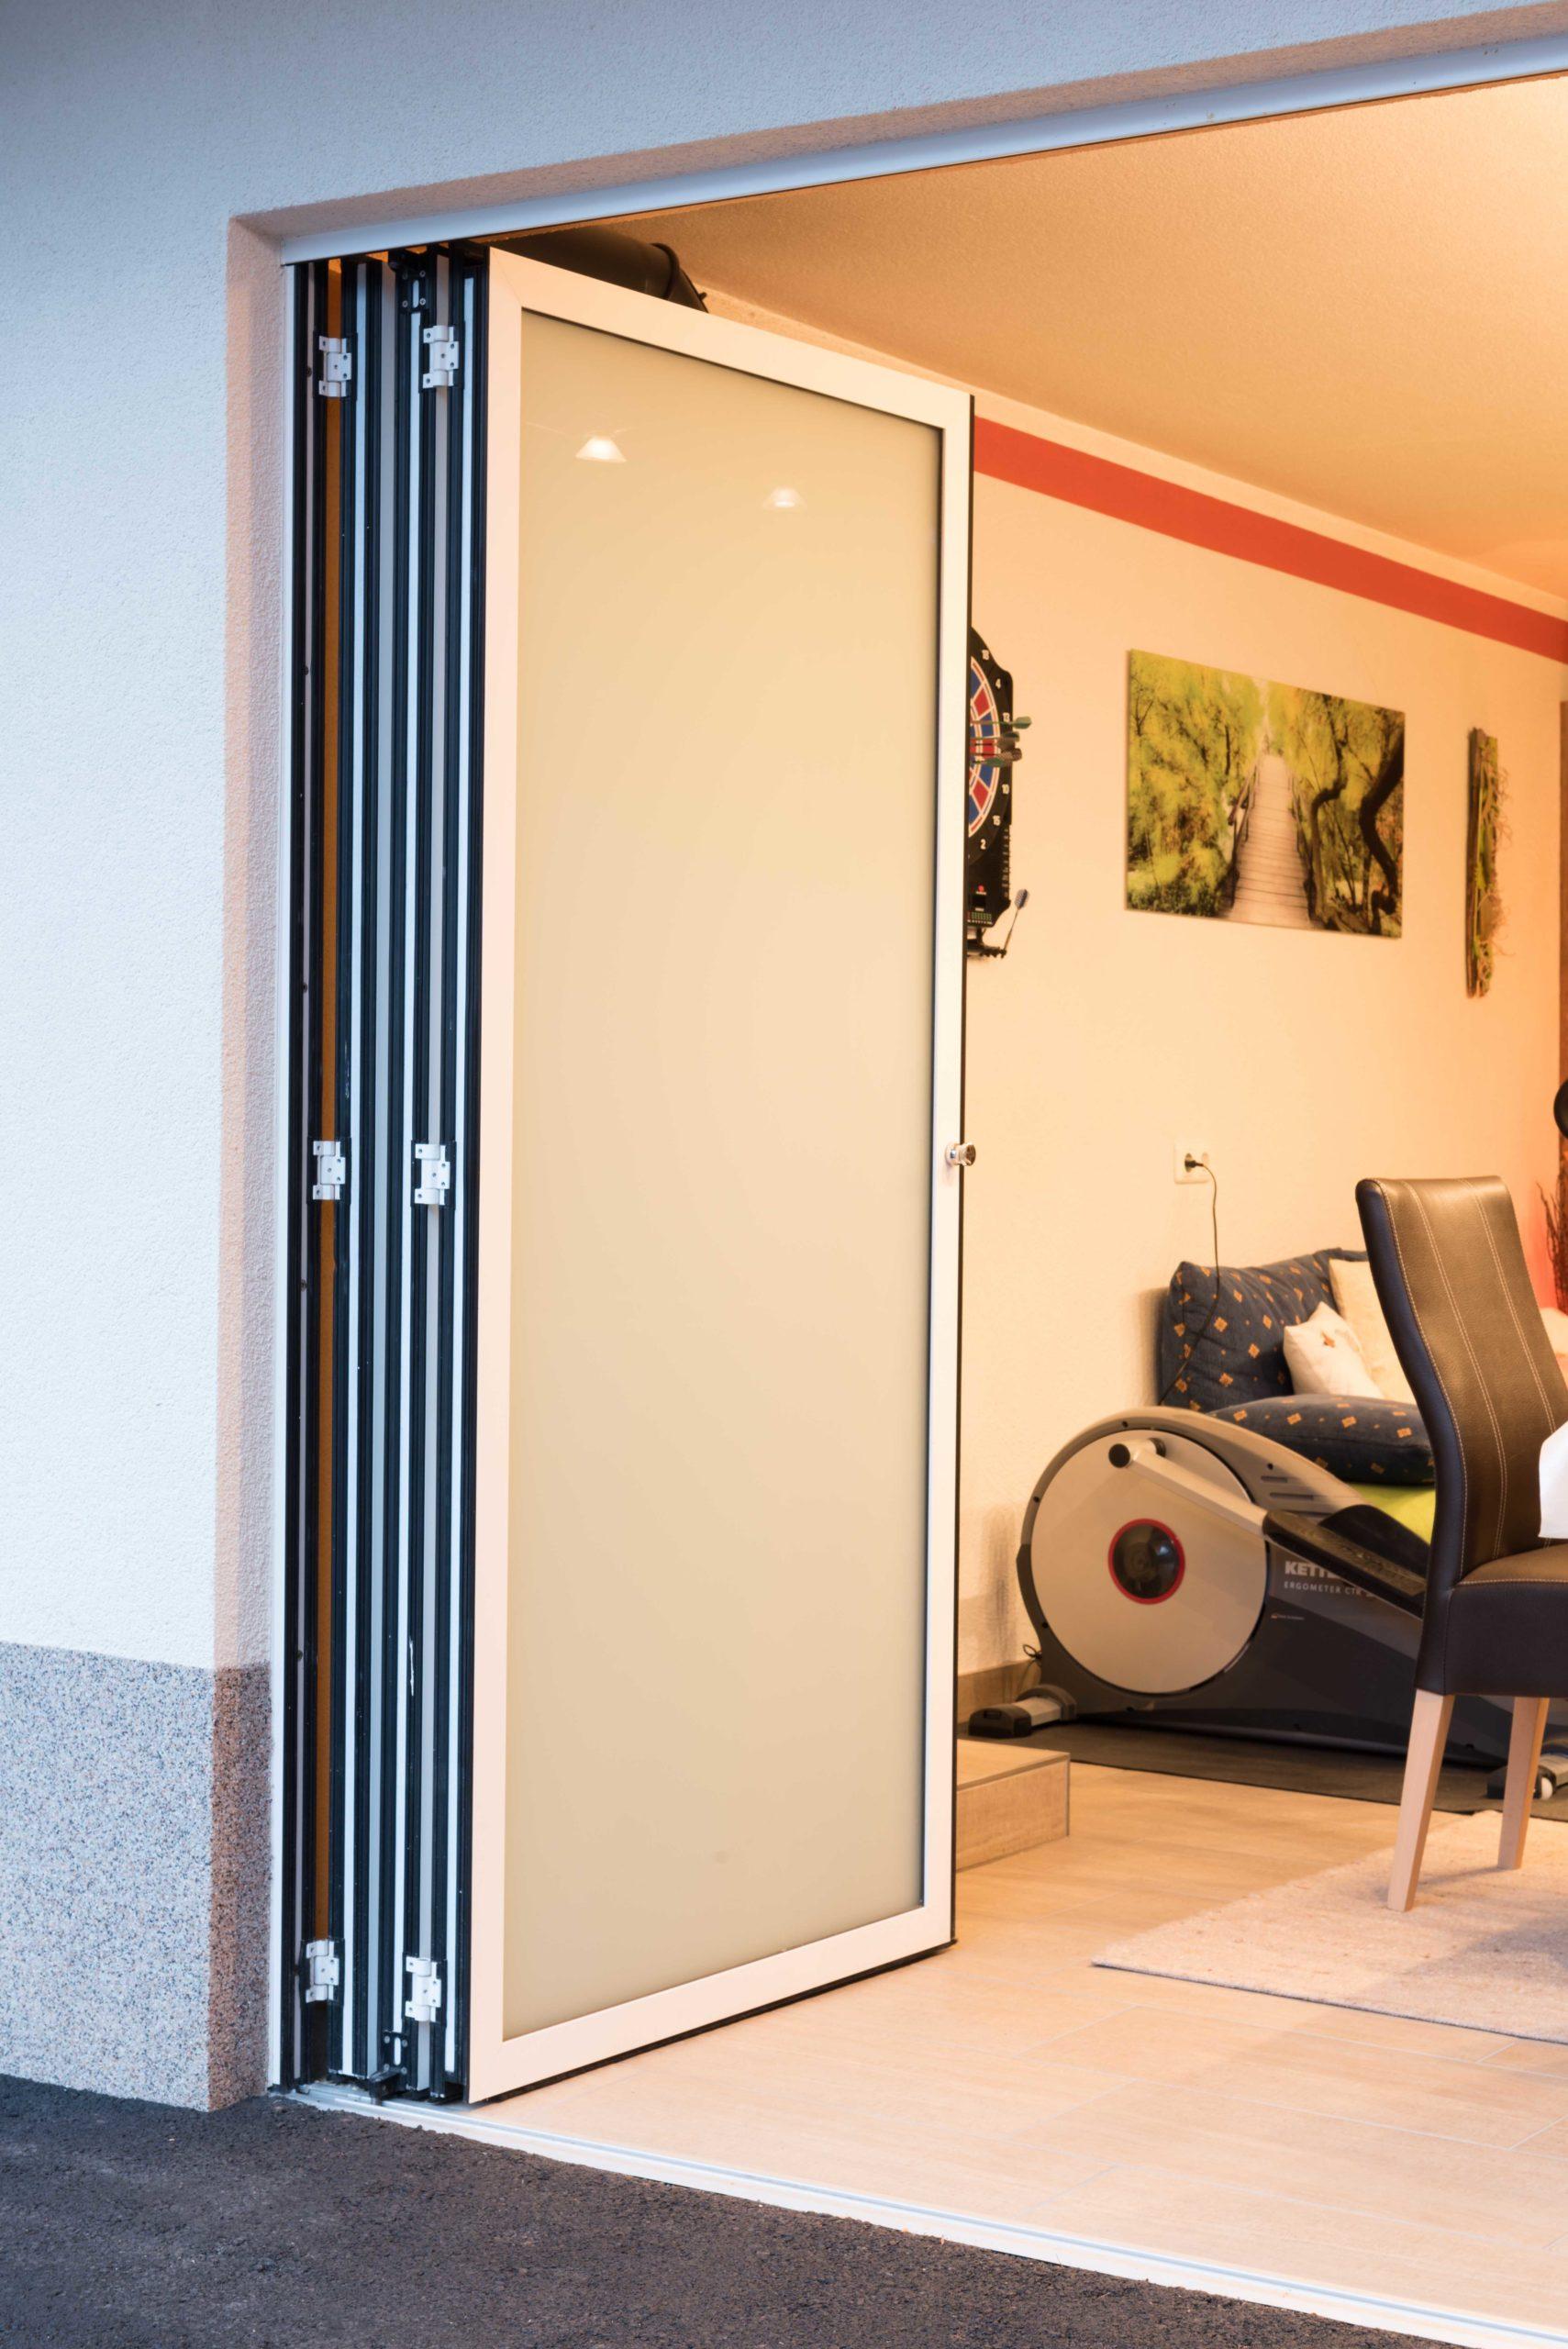 B&W Glasbau Sunflex Systeme Isolierglas Windschutz Verglasung Balkonverglasung Balkon